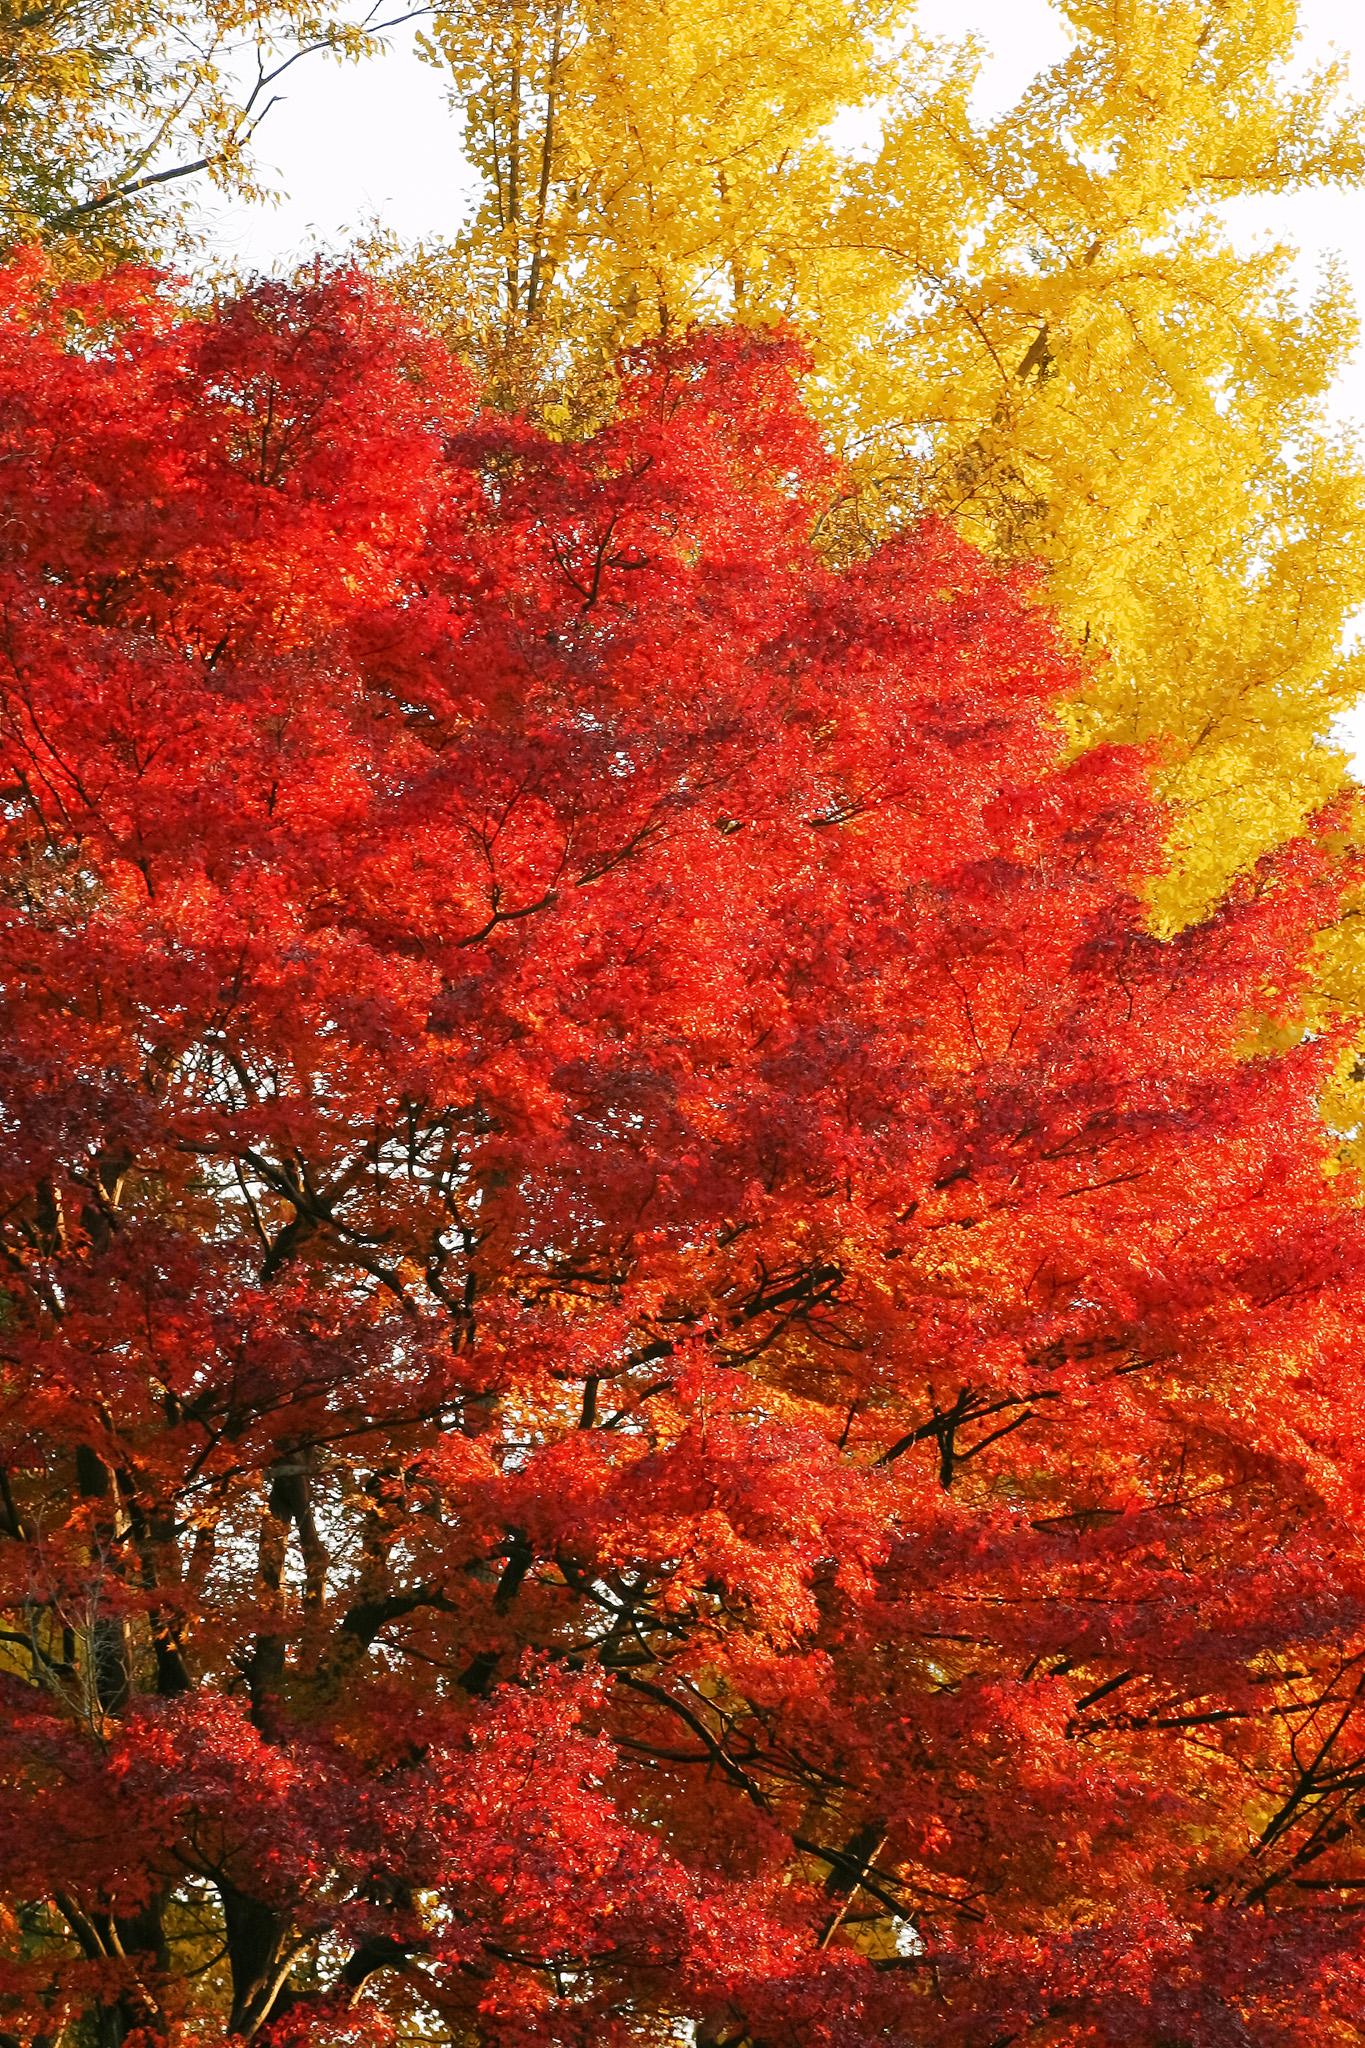 「赤い紅葉と黄色い銀杏の葉」